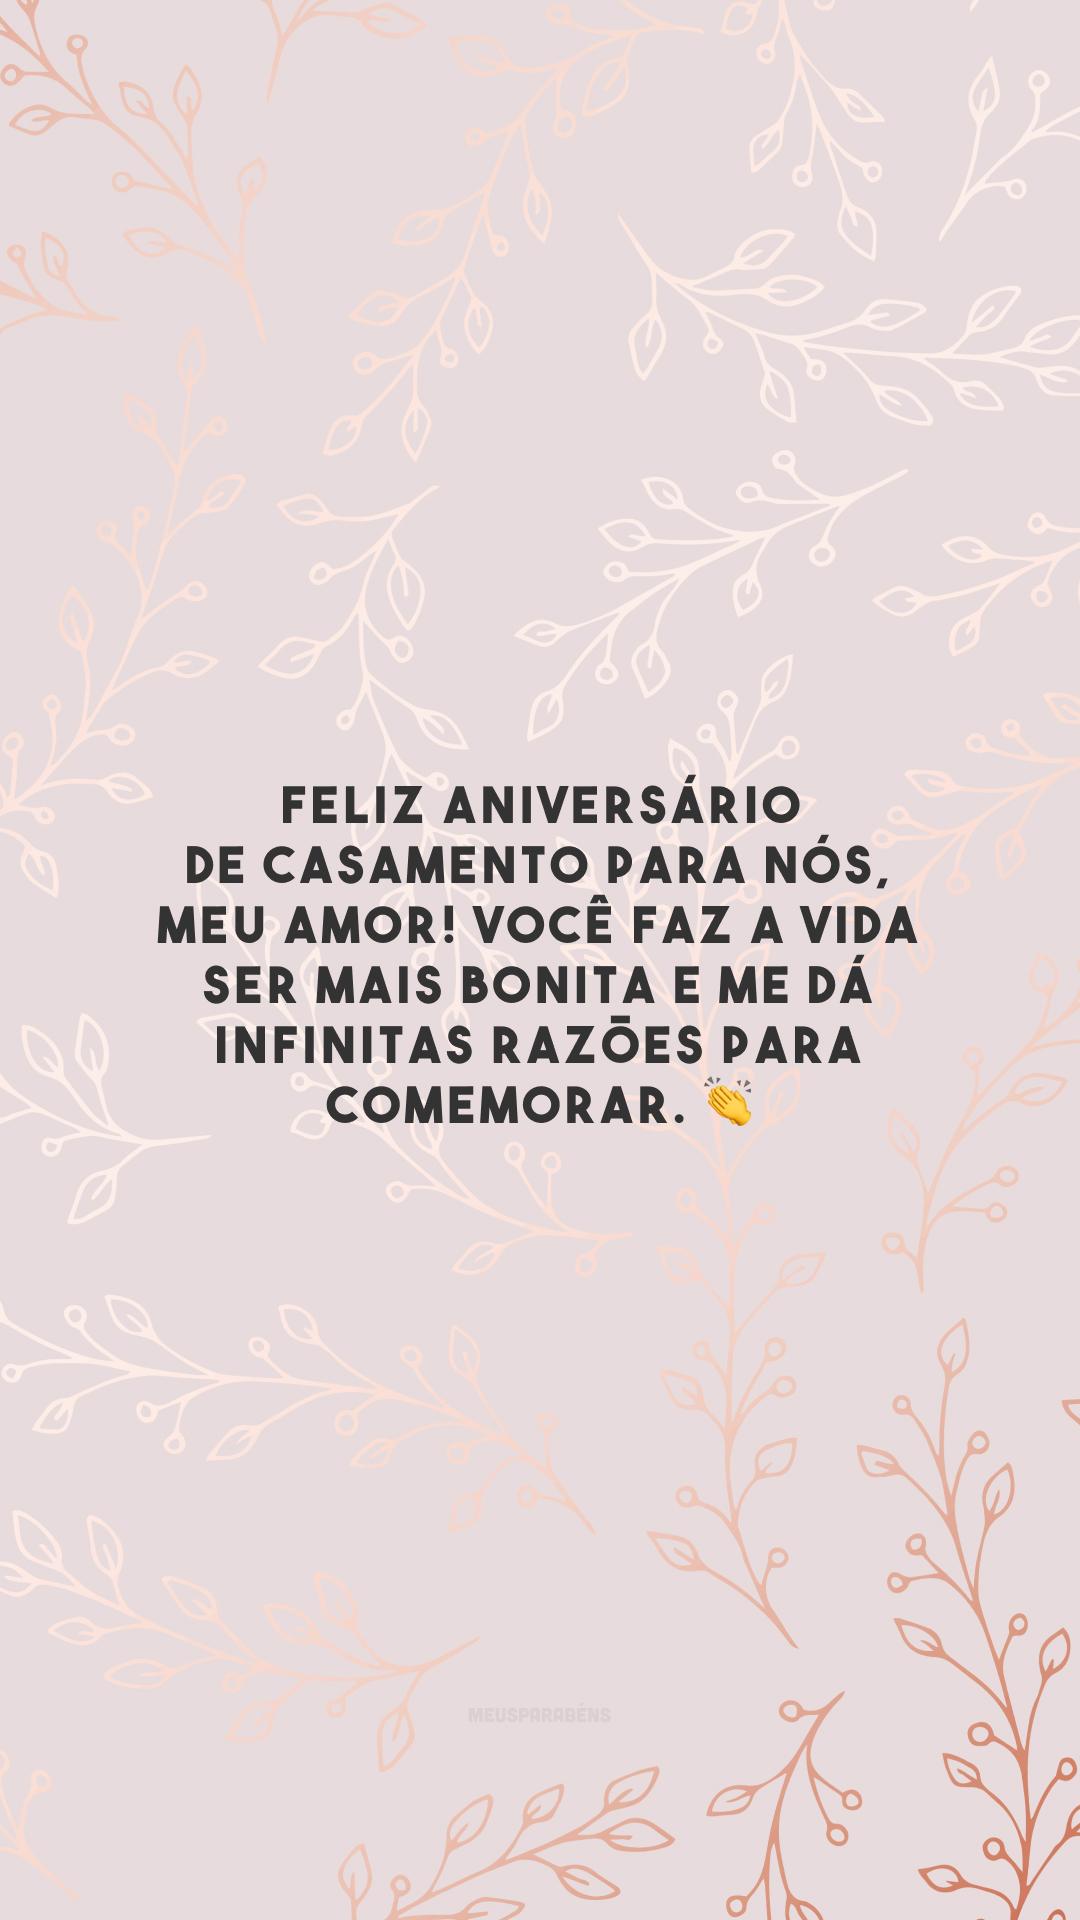 Feliz aniversário de casamento para nós, meu amor! Você faz a vida ser mais bonita e me dá infinitas razões para comemorar. 👏